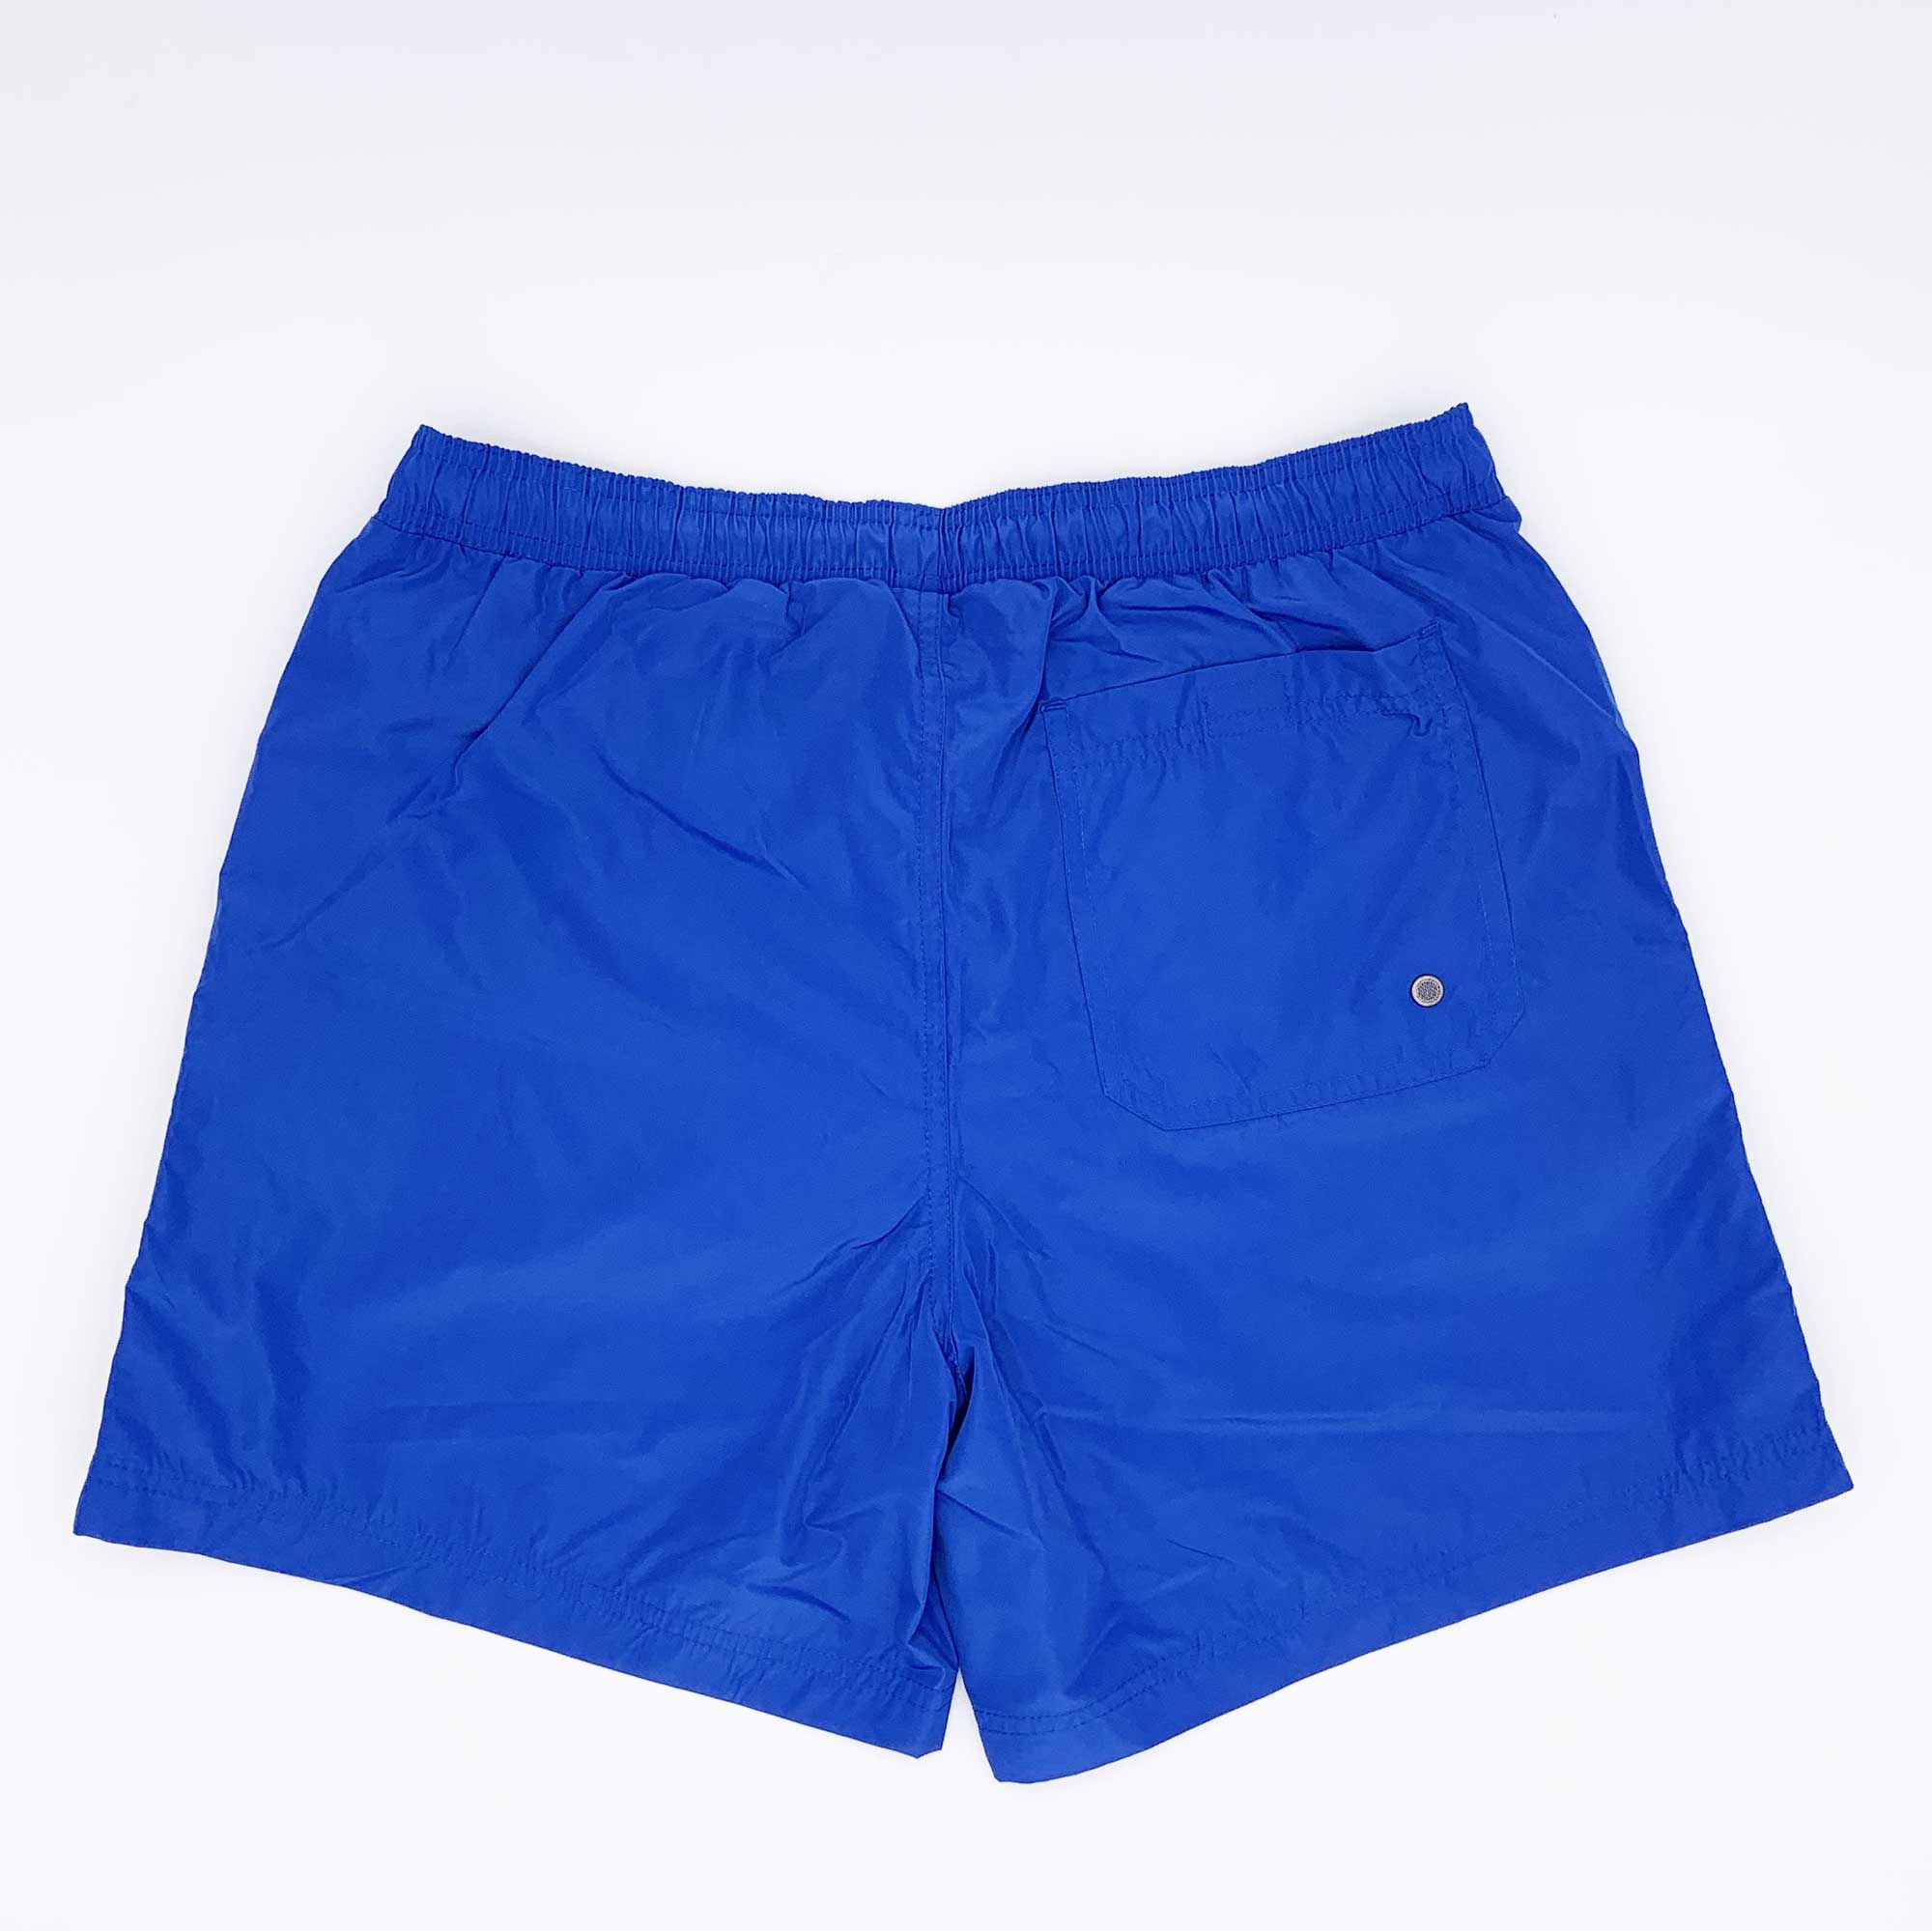 Costume boxer fascia tricolore - Bluette